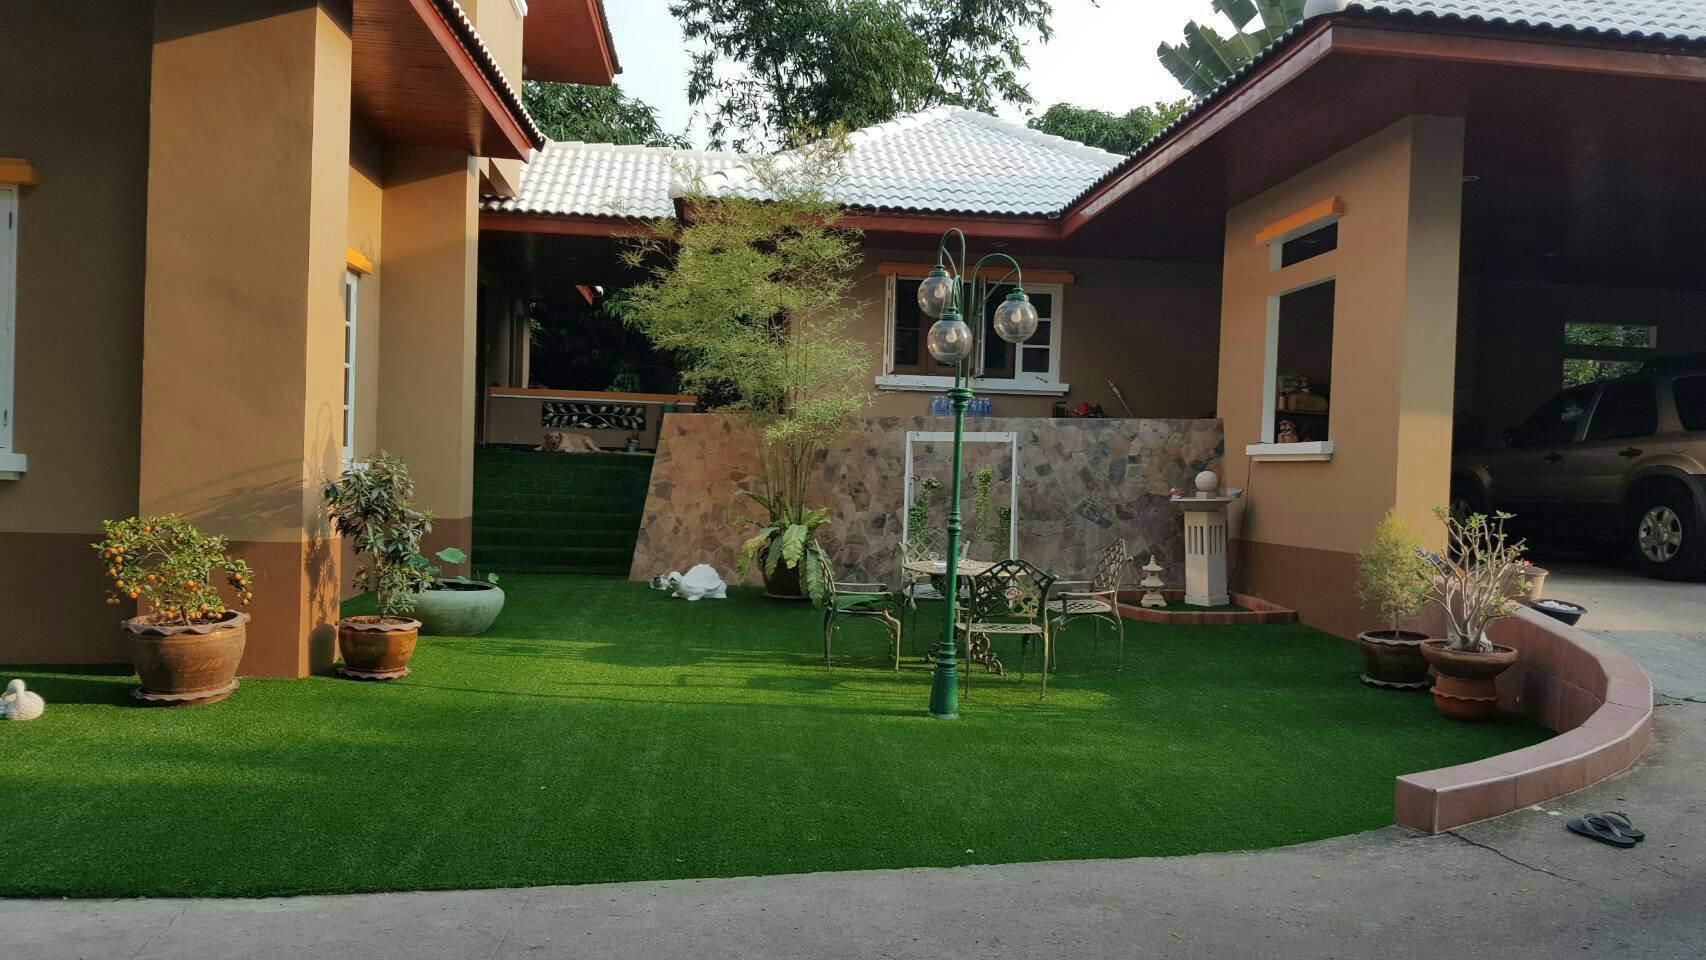 หญ้าเทียมตกแต่ง รูปที่ 2